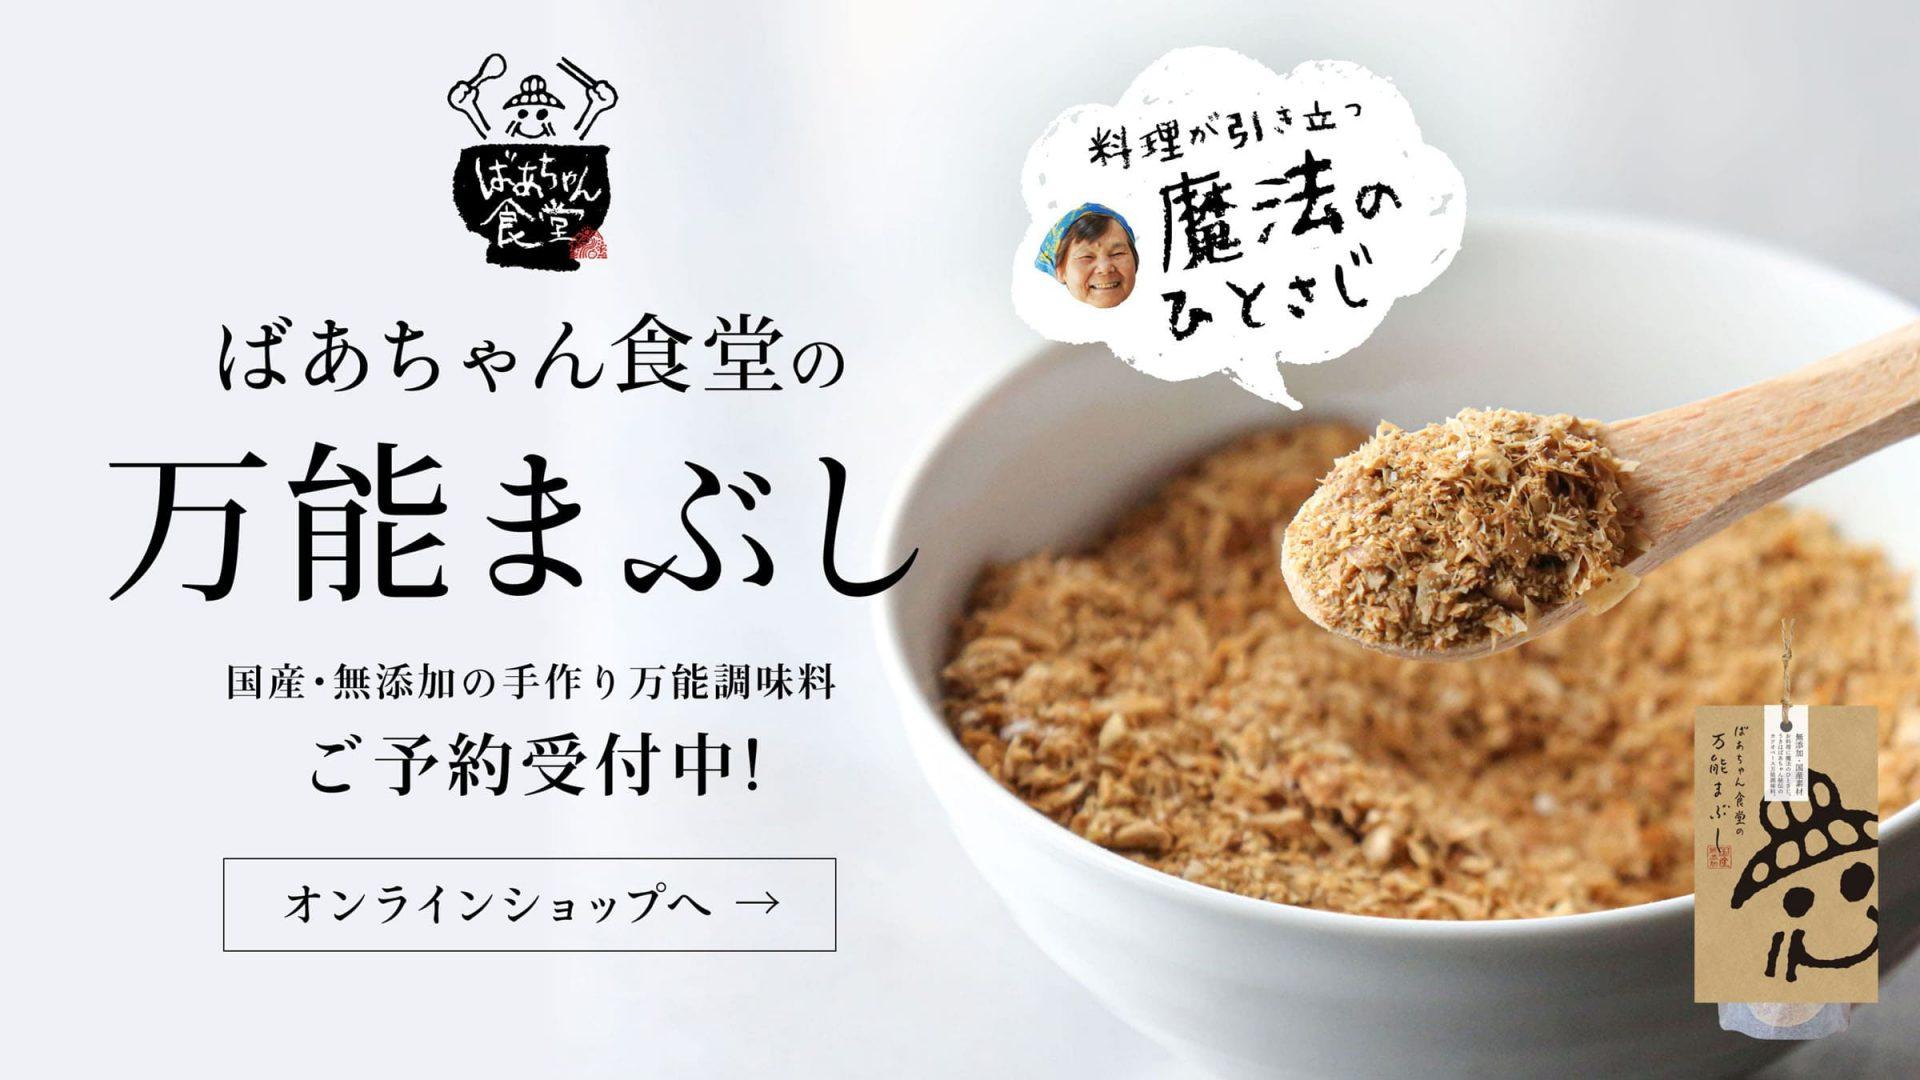 「ばあちゃん食堂の万能まぶし」オンラインショップで予約開始!